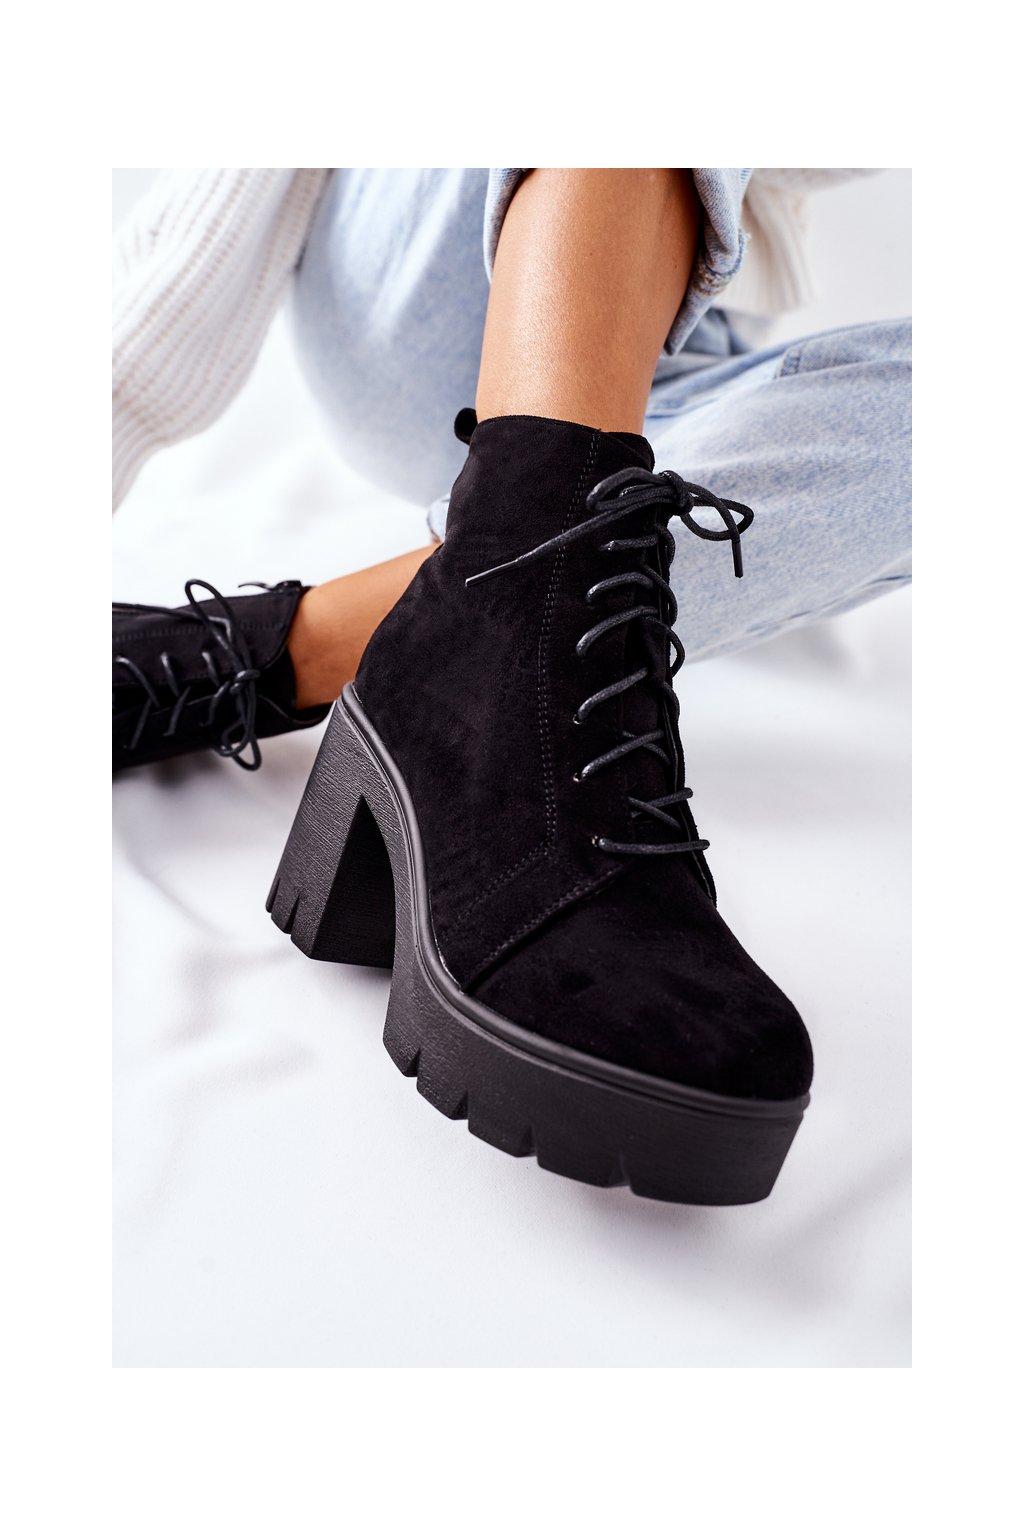 Členkové topánky na podpätku farba čierna kód obuvi OL-9 BLACK